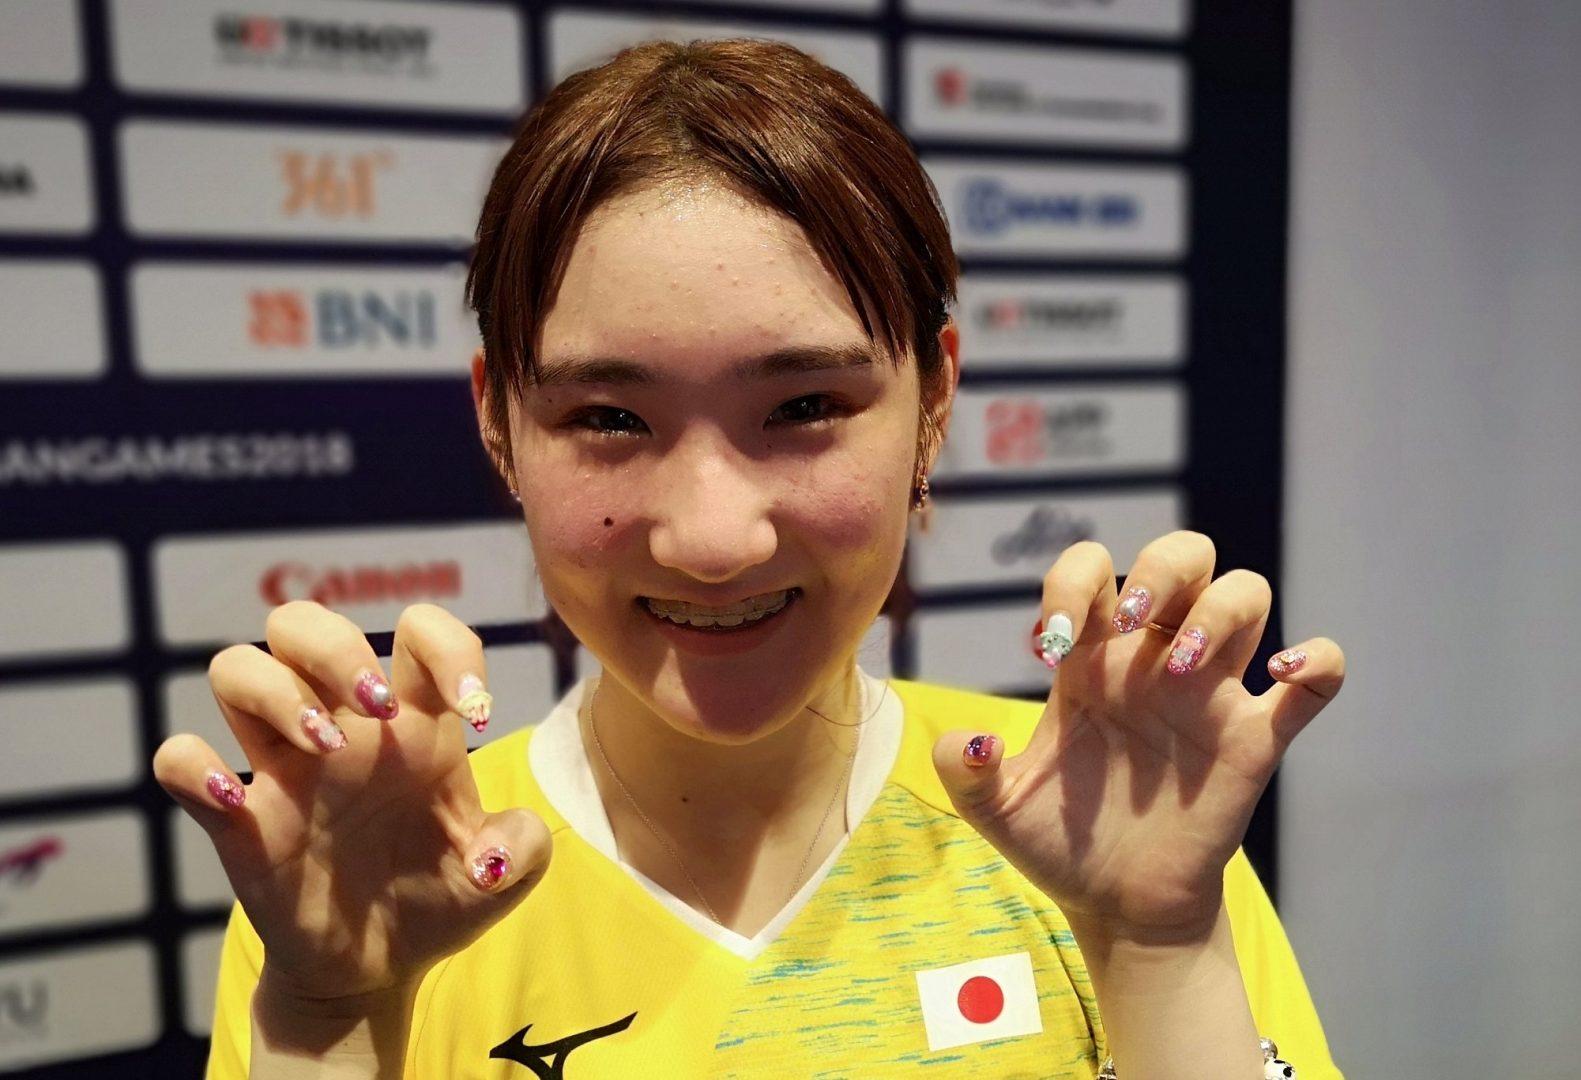 カトミユこと加藤美優、大人の魅力たっぷり振袖姿が話題に